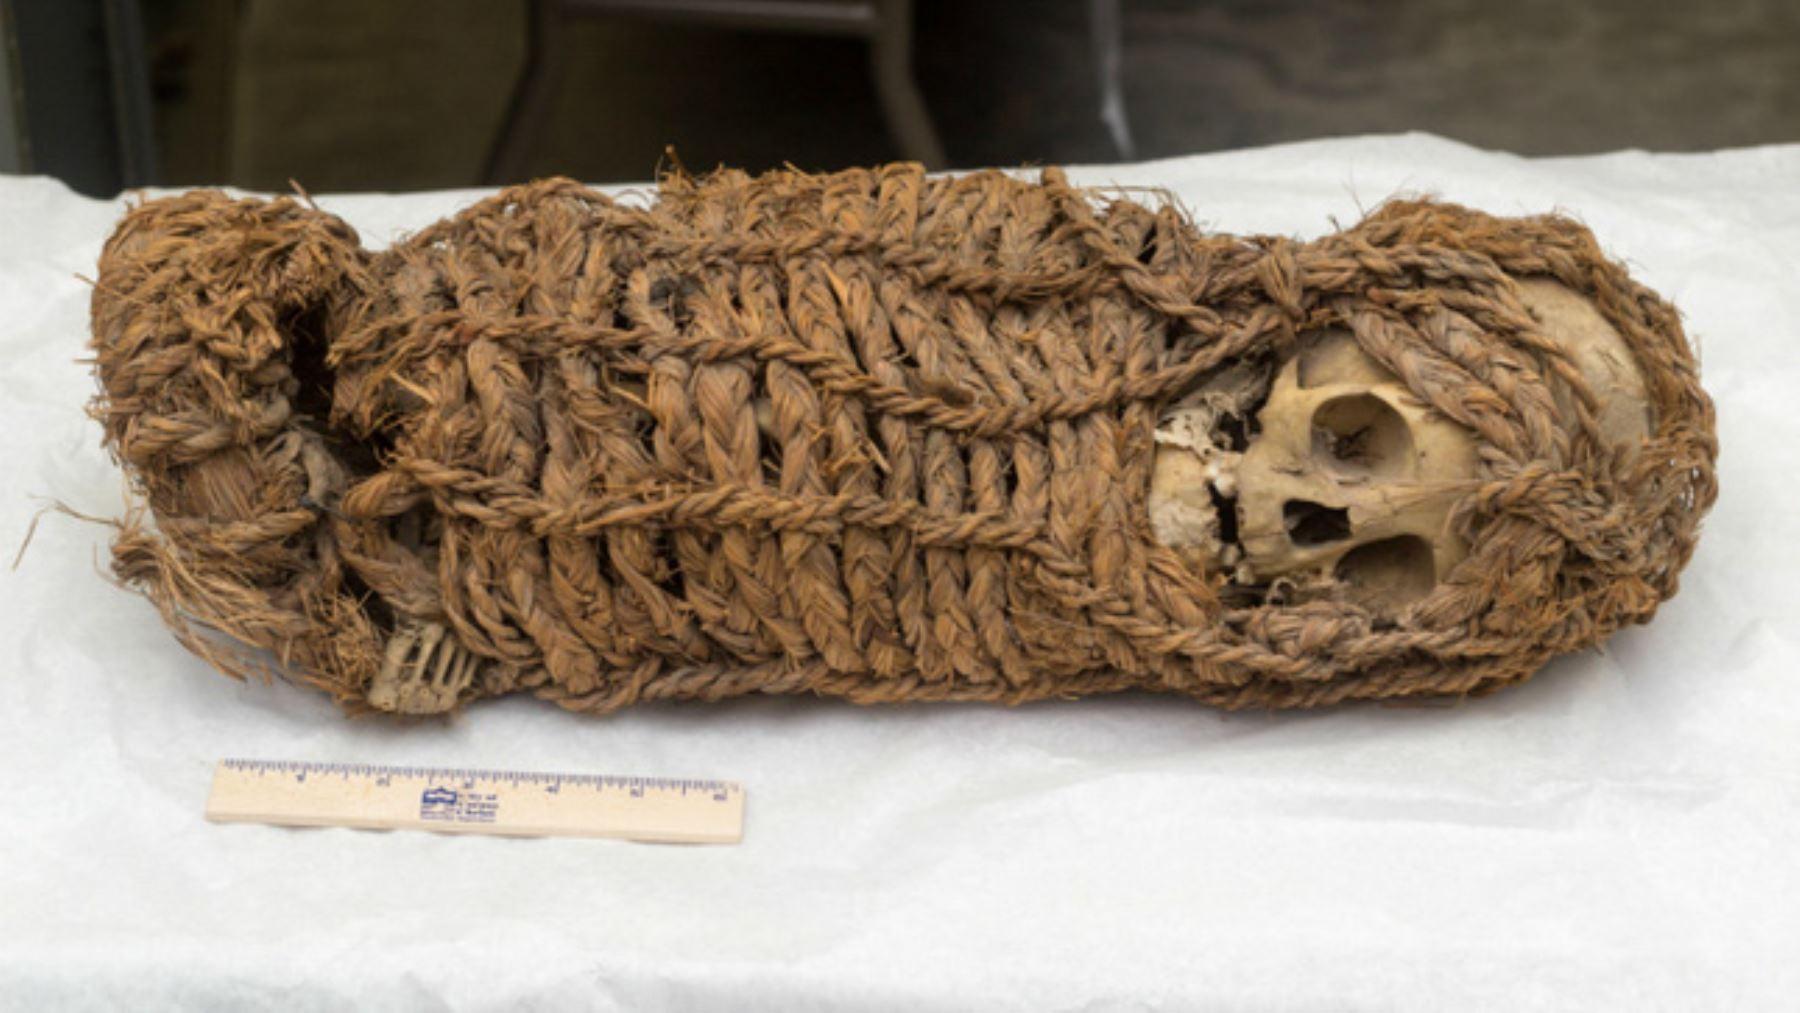 La momia de origen aimara, devuelta al Perú por el Museo de Ciencia e Historia de Corpus Christi y que llega hoy a nuestro país corresponde, según los estudios, a un infante de dos a cuatro años de edad, de sexo por definir, que vivió en la época inca (siglos XV-XVI).